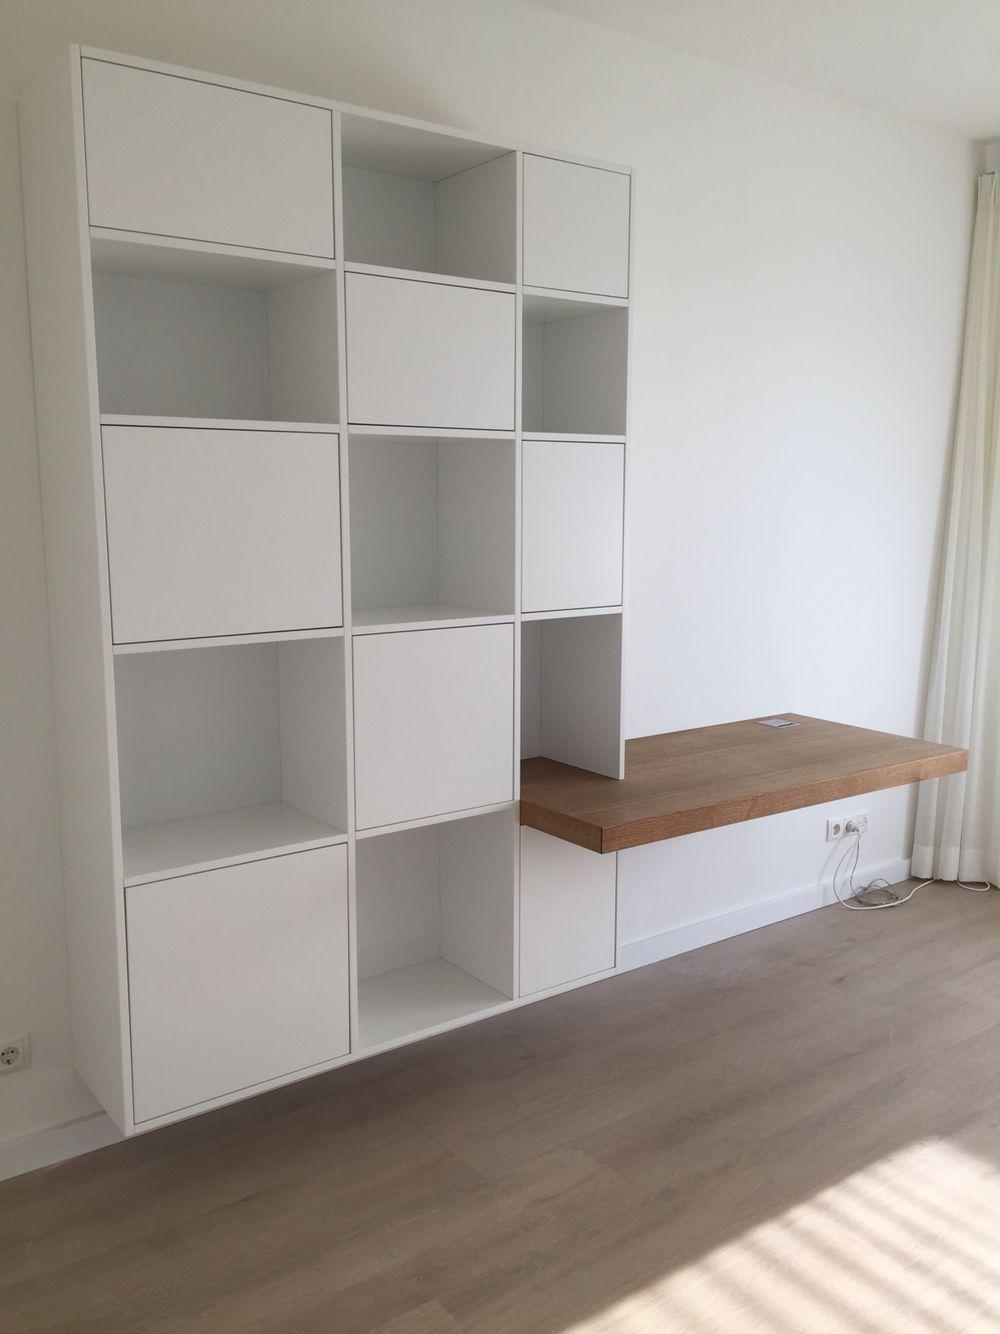 Wandmeubel  bureau  Furniture ideas in 2019  Woonkamer